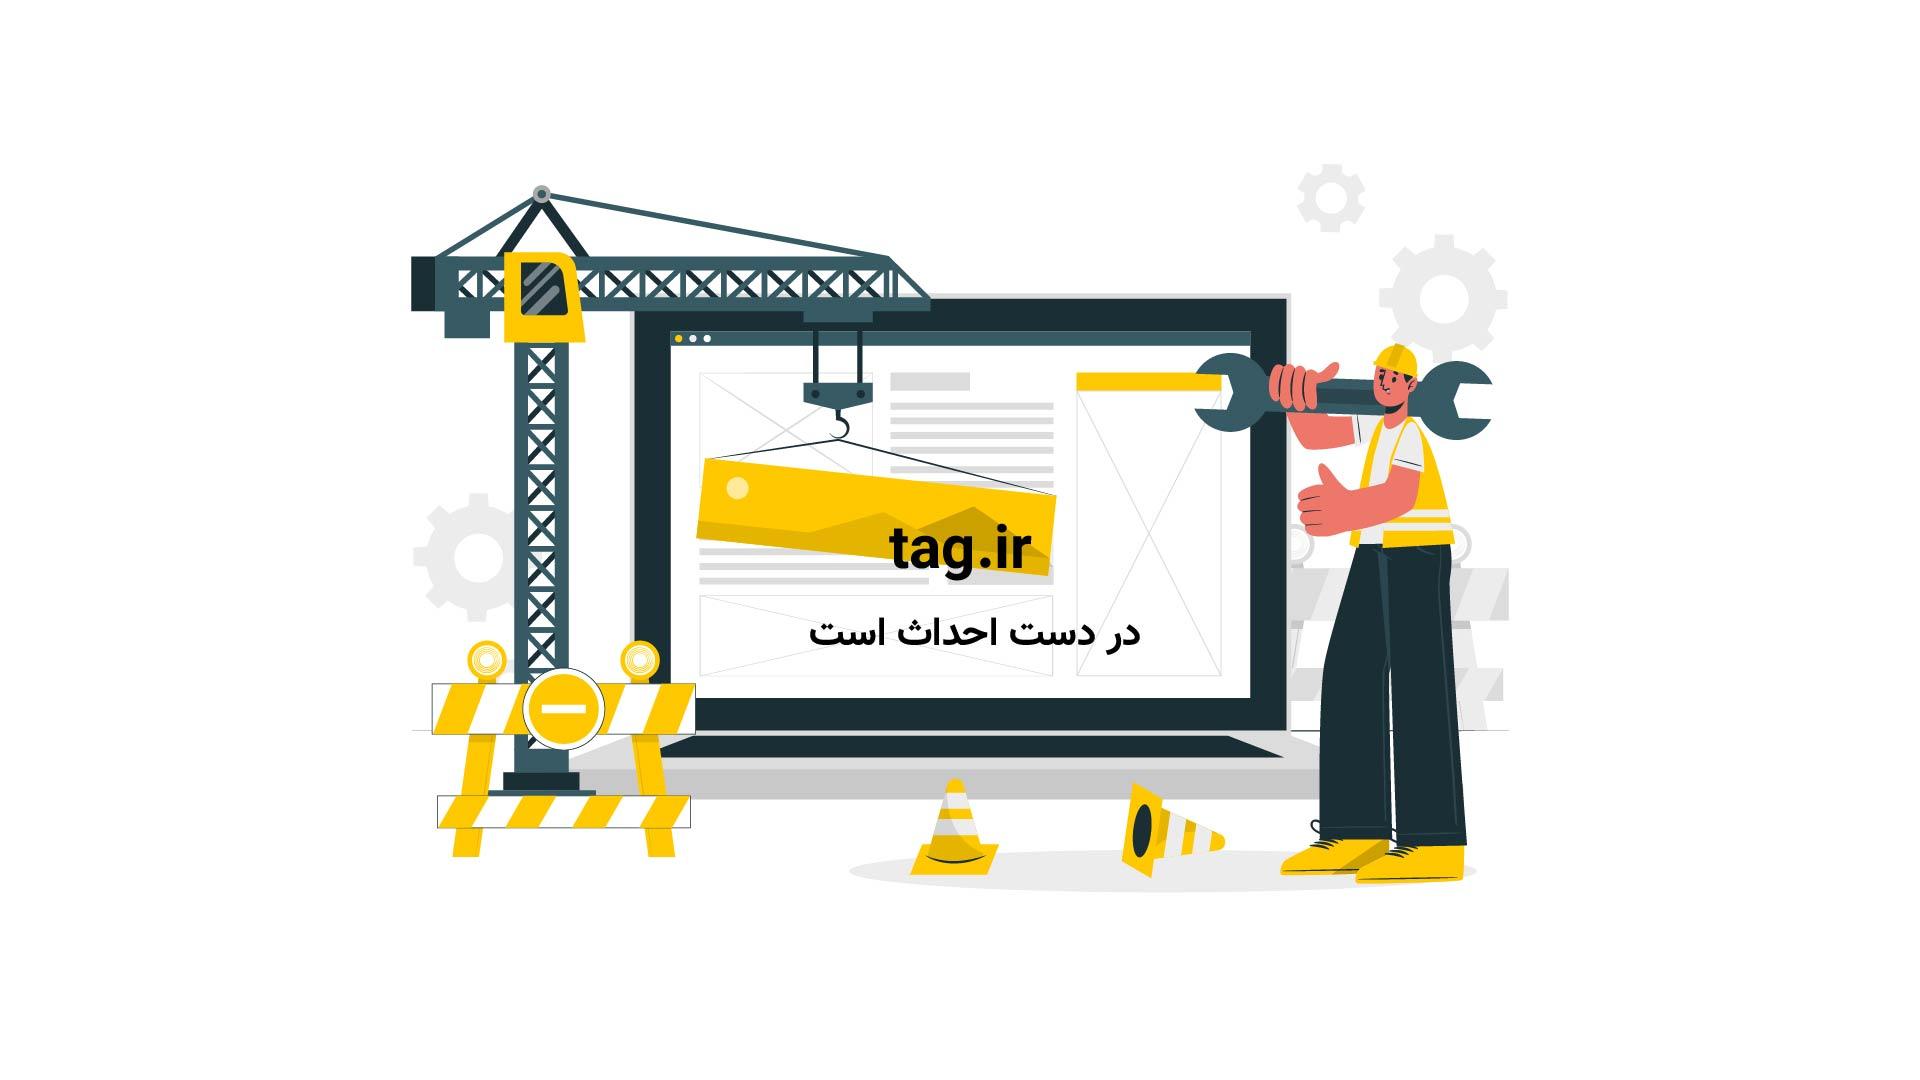 رونمایی از لباس های دوربین دار پلیس | تگ